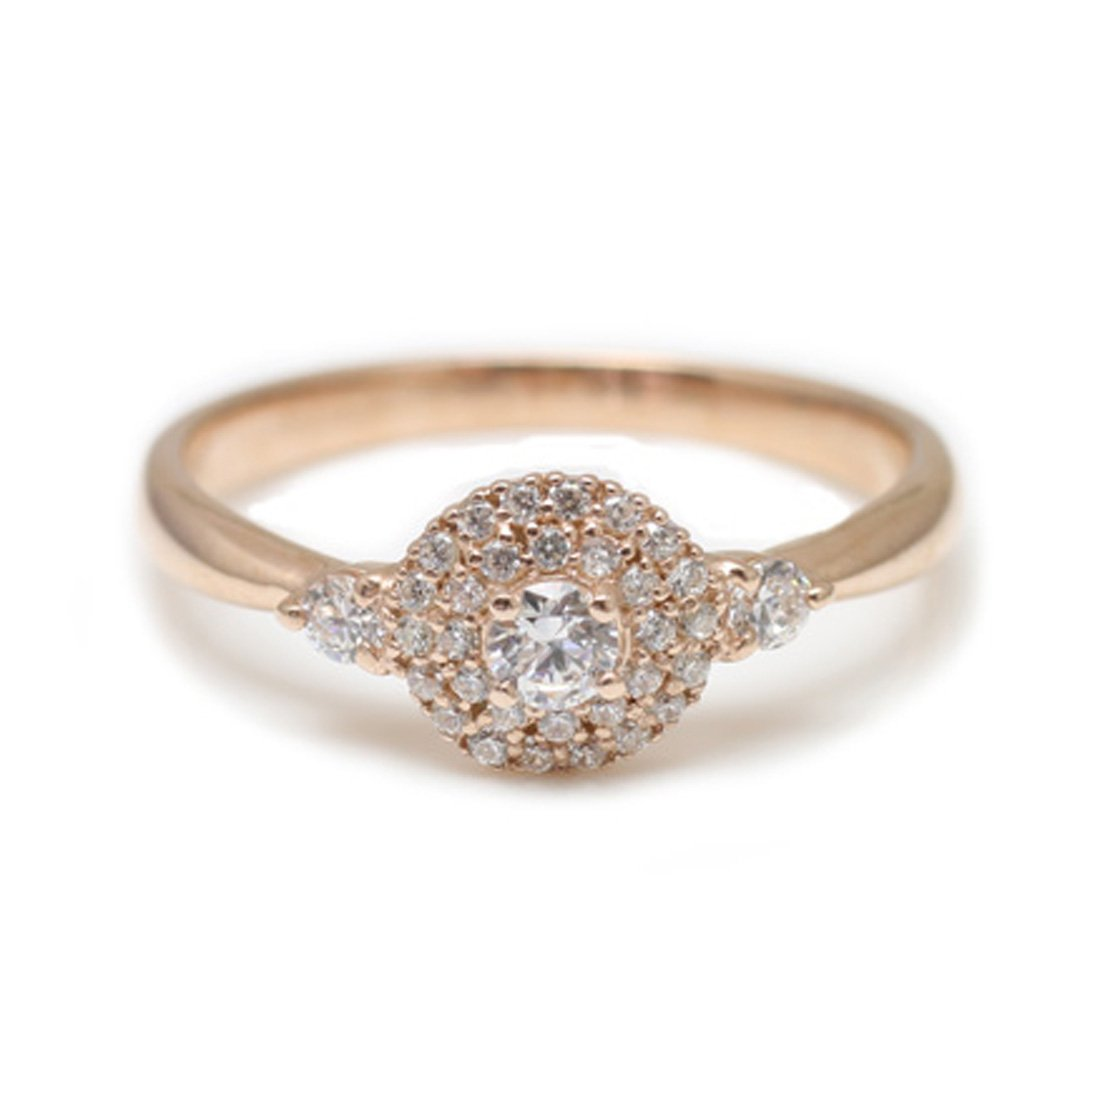 c530492b68ff [ココカル]cococaru ダイヤモンド リング K18 ホワイトゴールド 指輪 12号 天然 ダイヤ 日本製